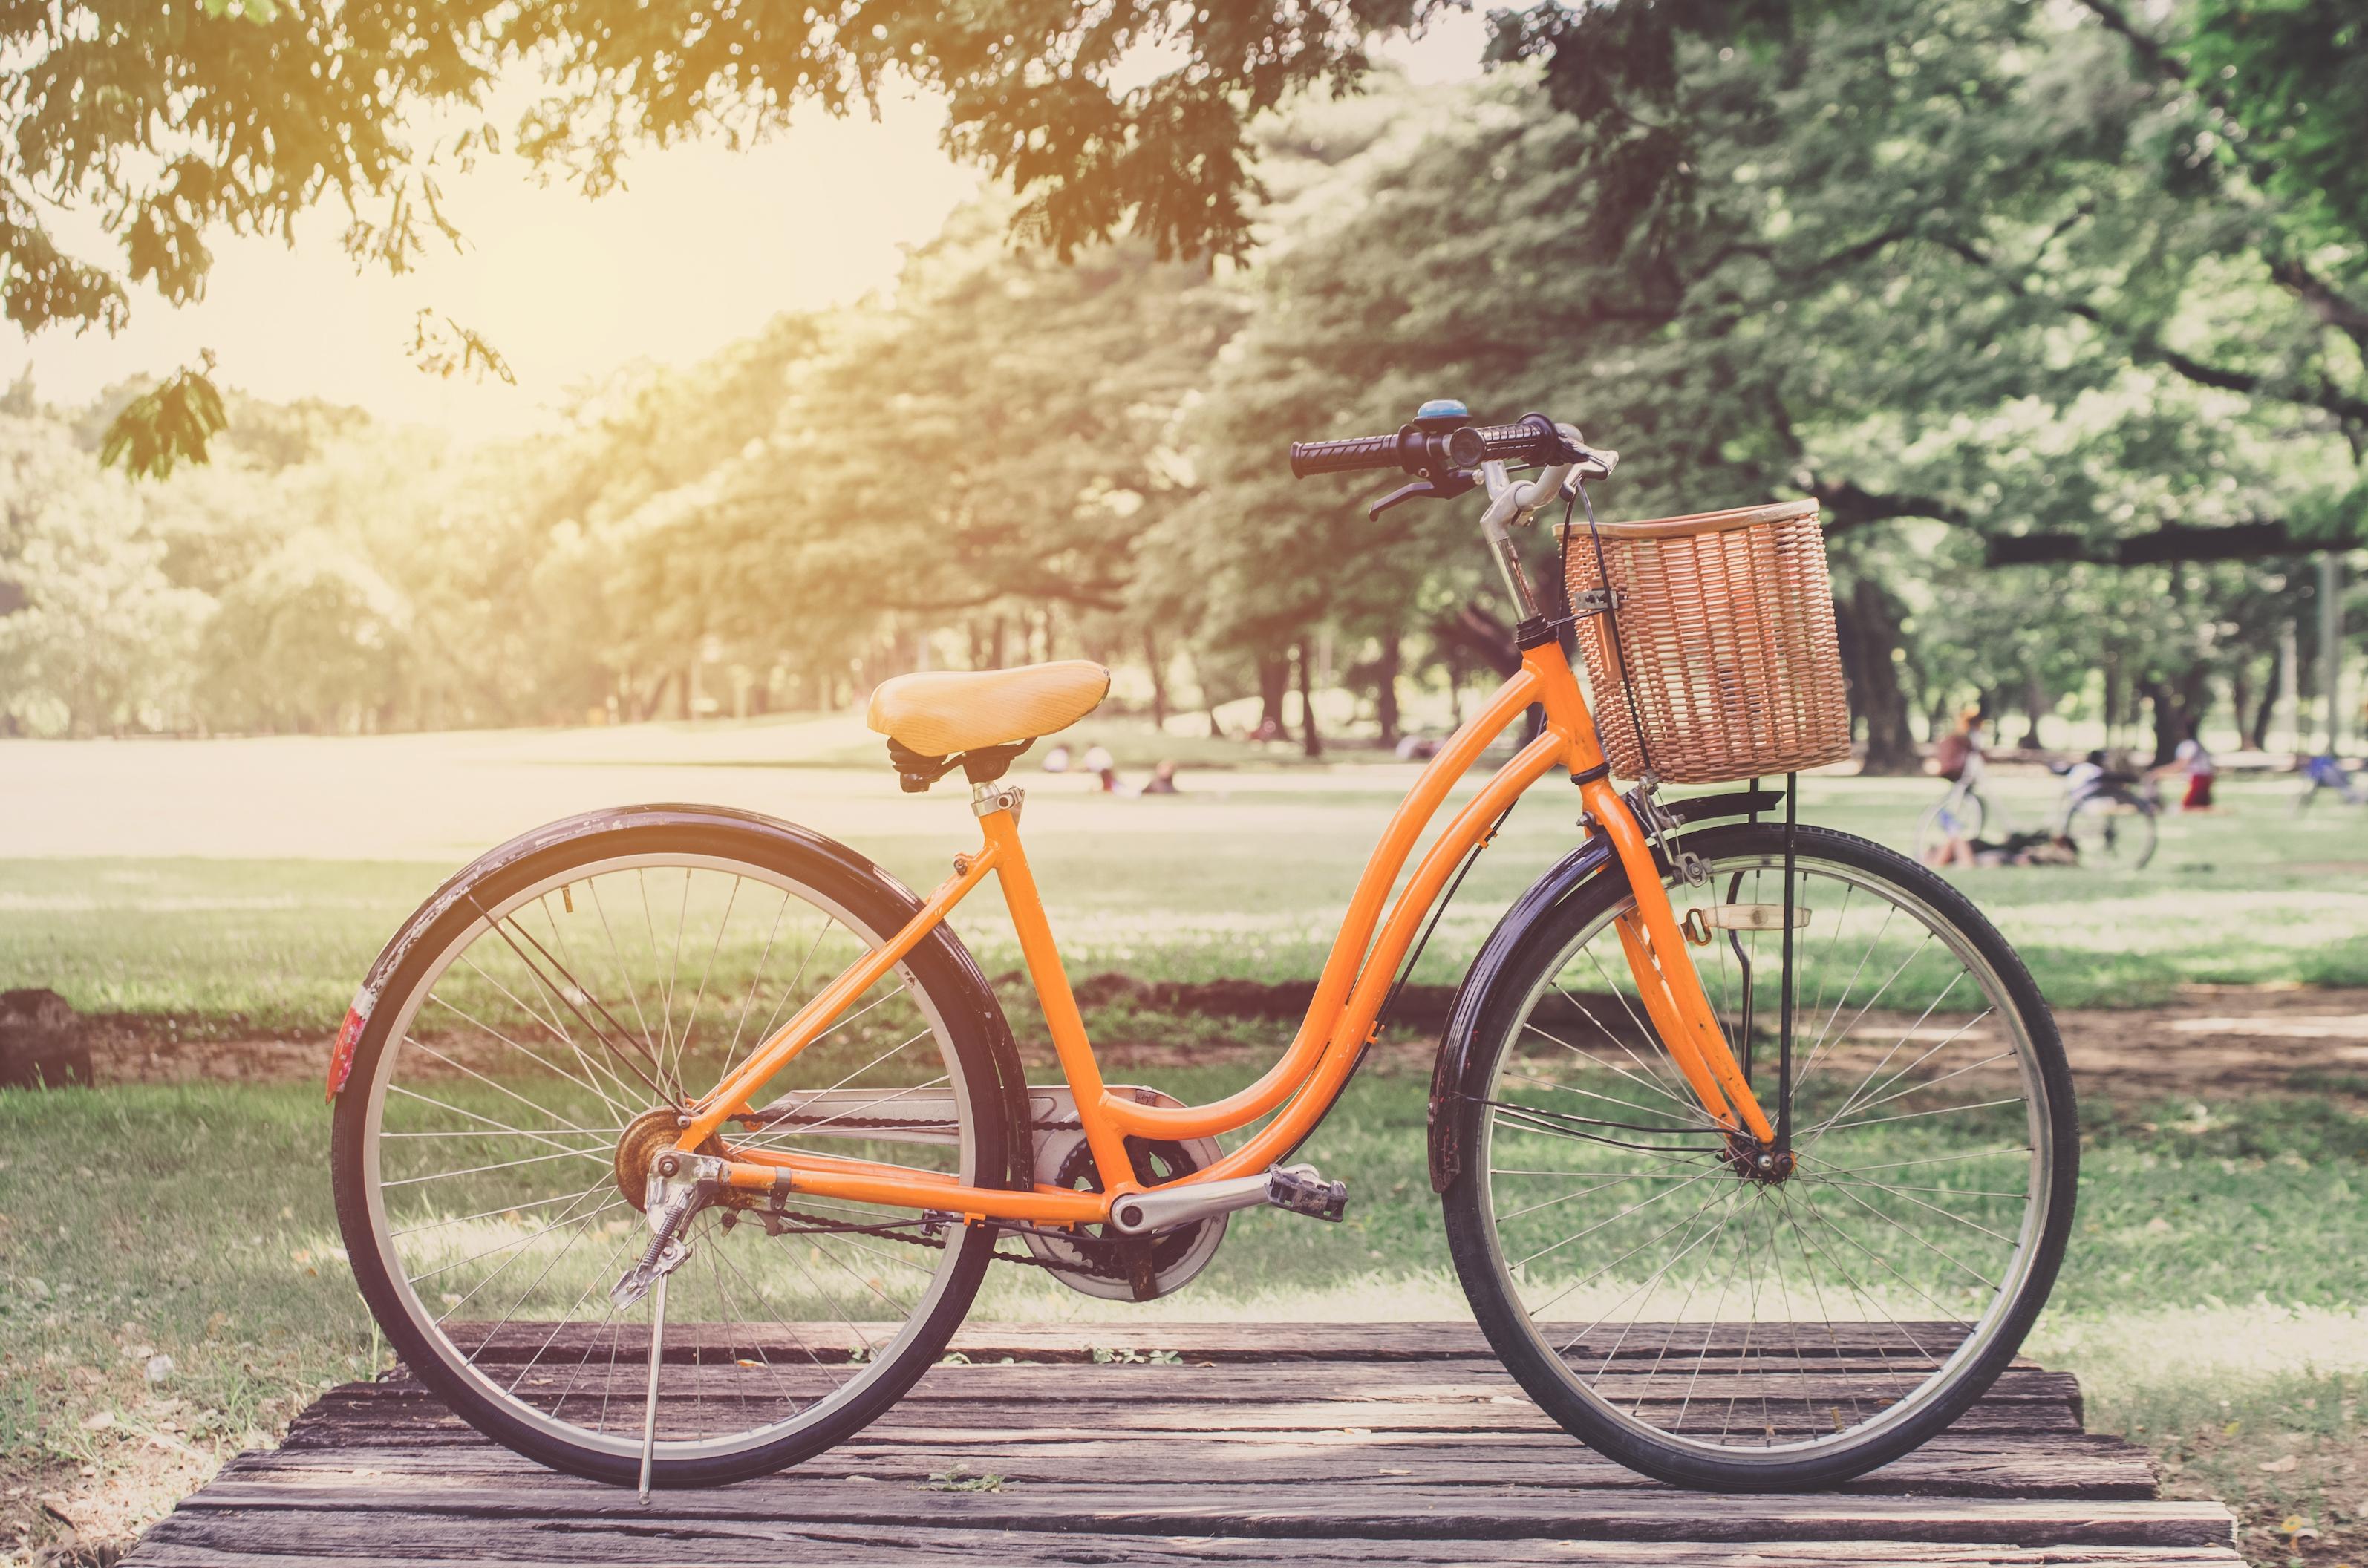 Zo voorkom je dat je fiets gestolen wordt